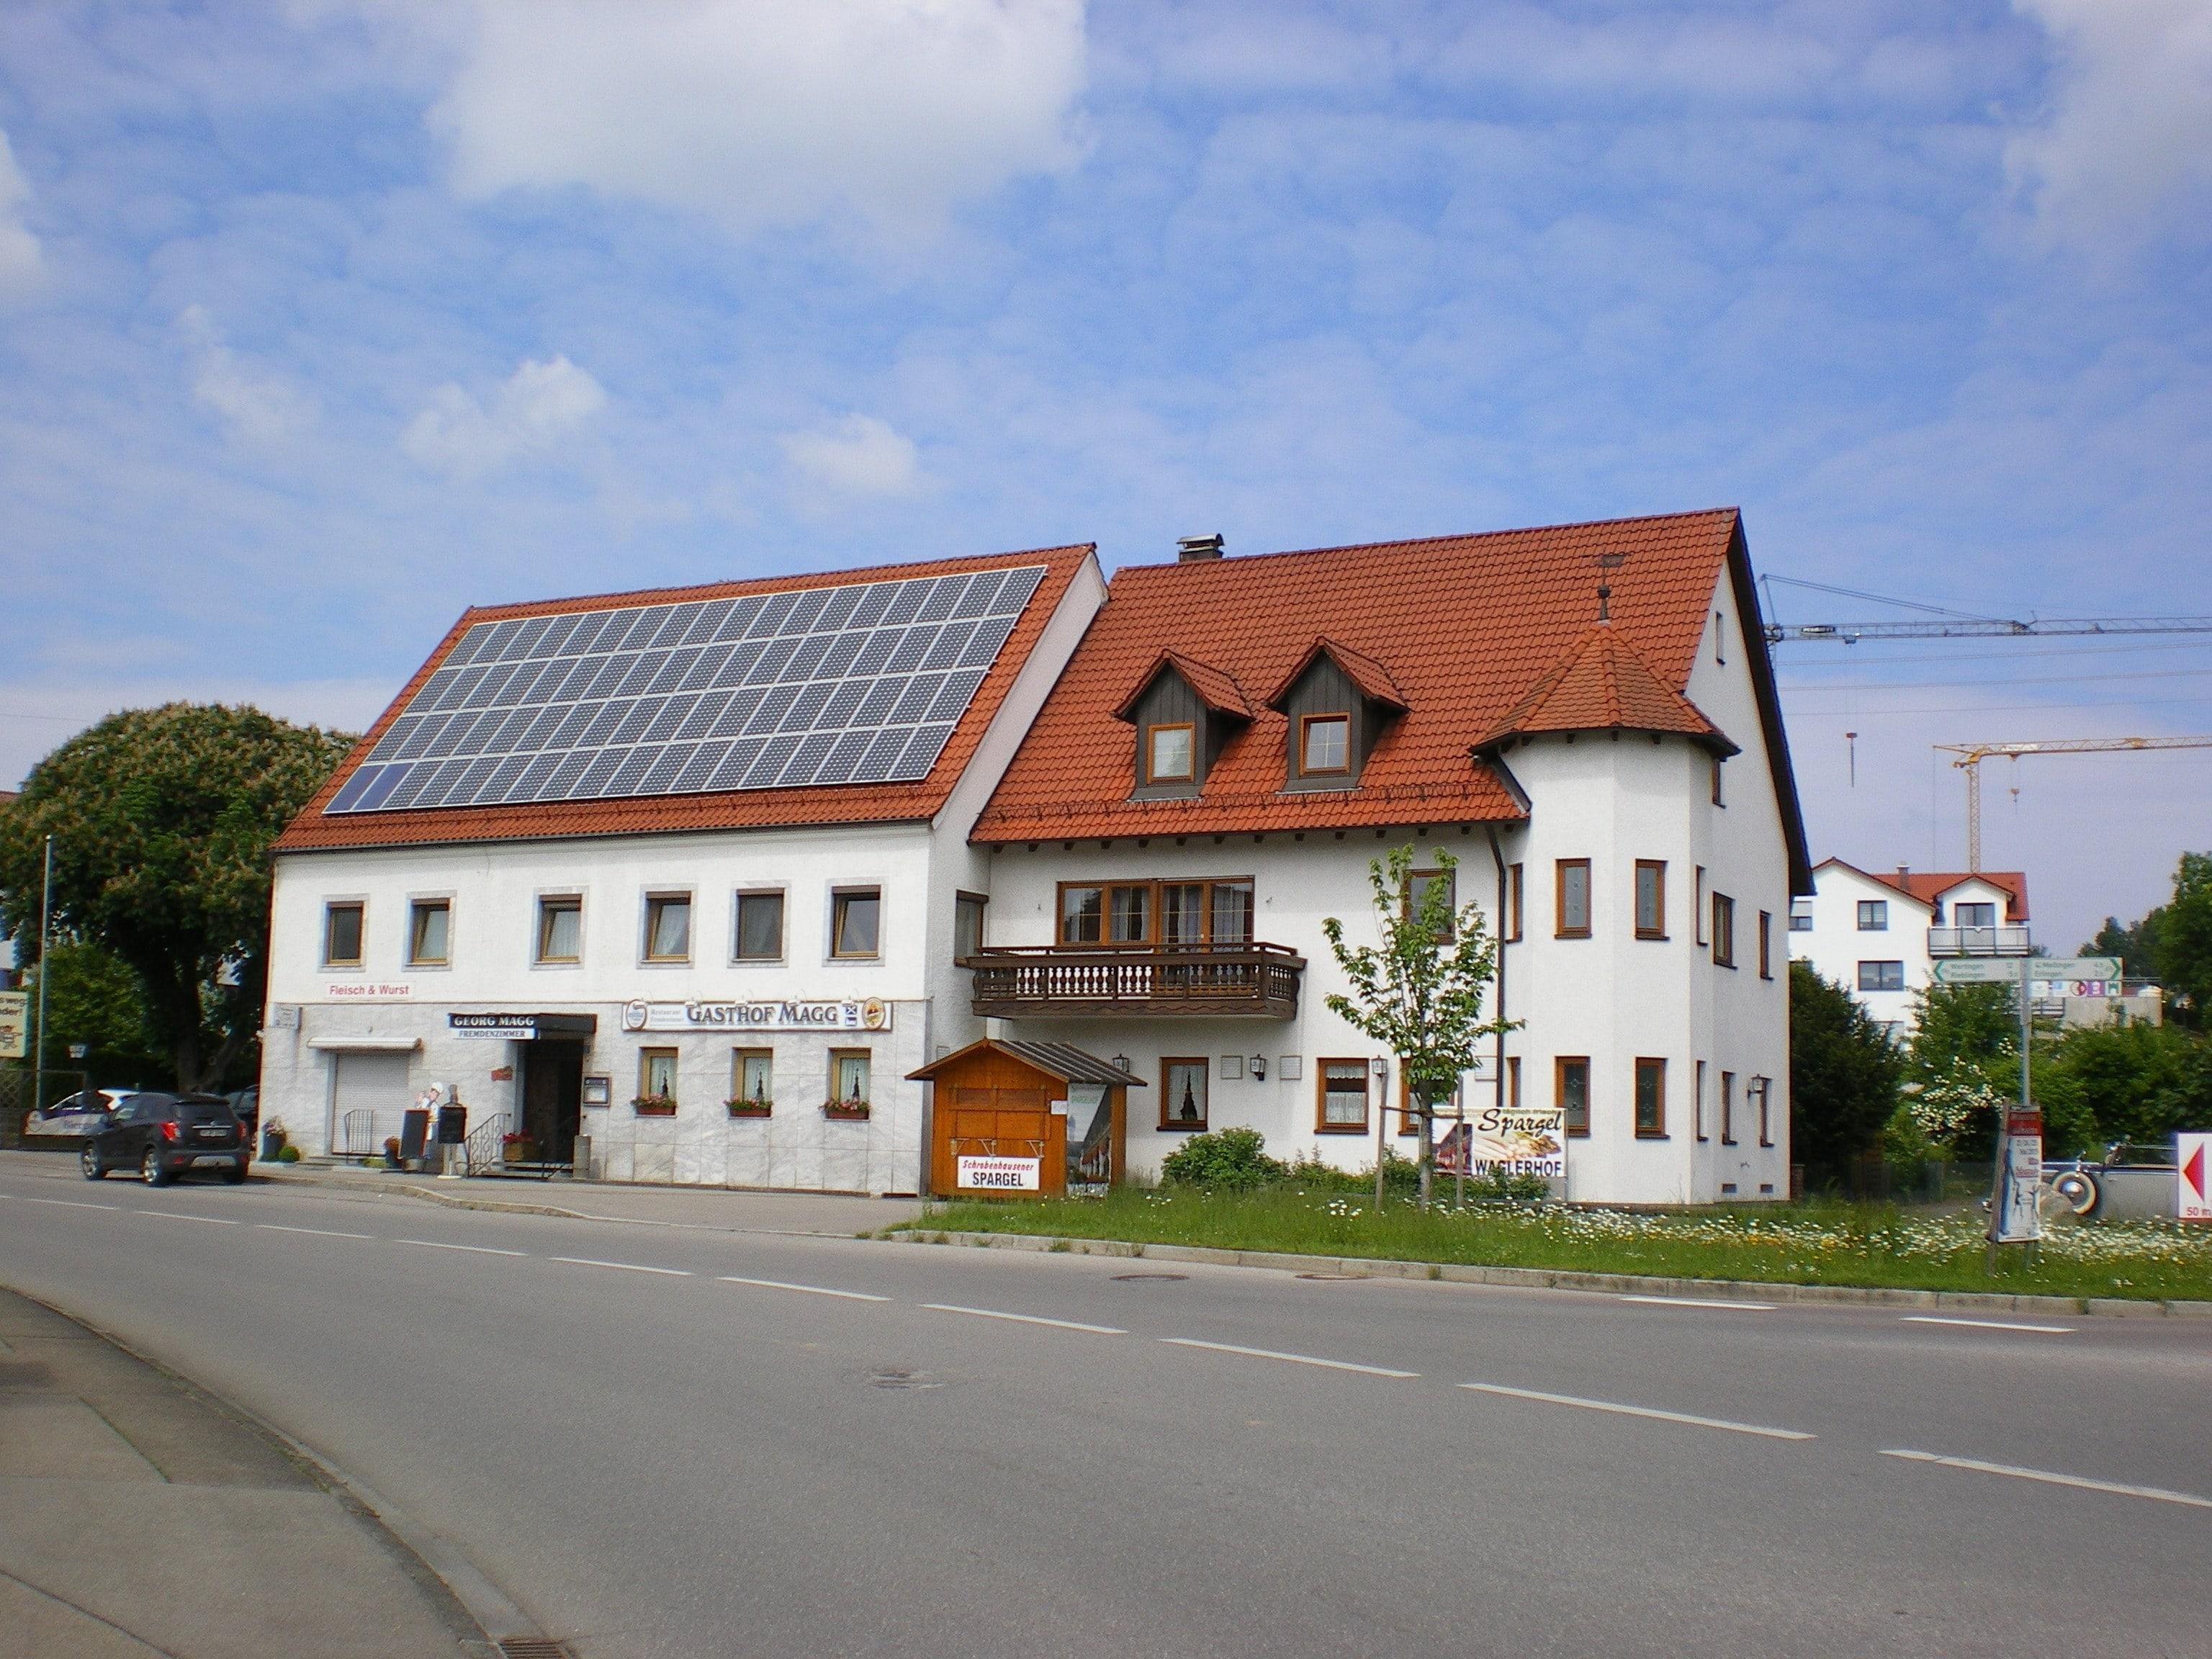 Gasthof Magg Biberbach - Gut bürgerliche Küche und Fremdenzimmer